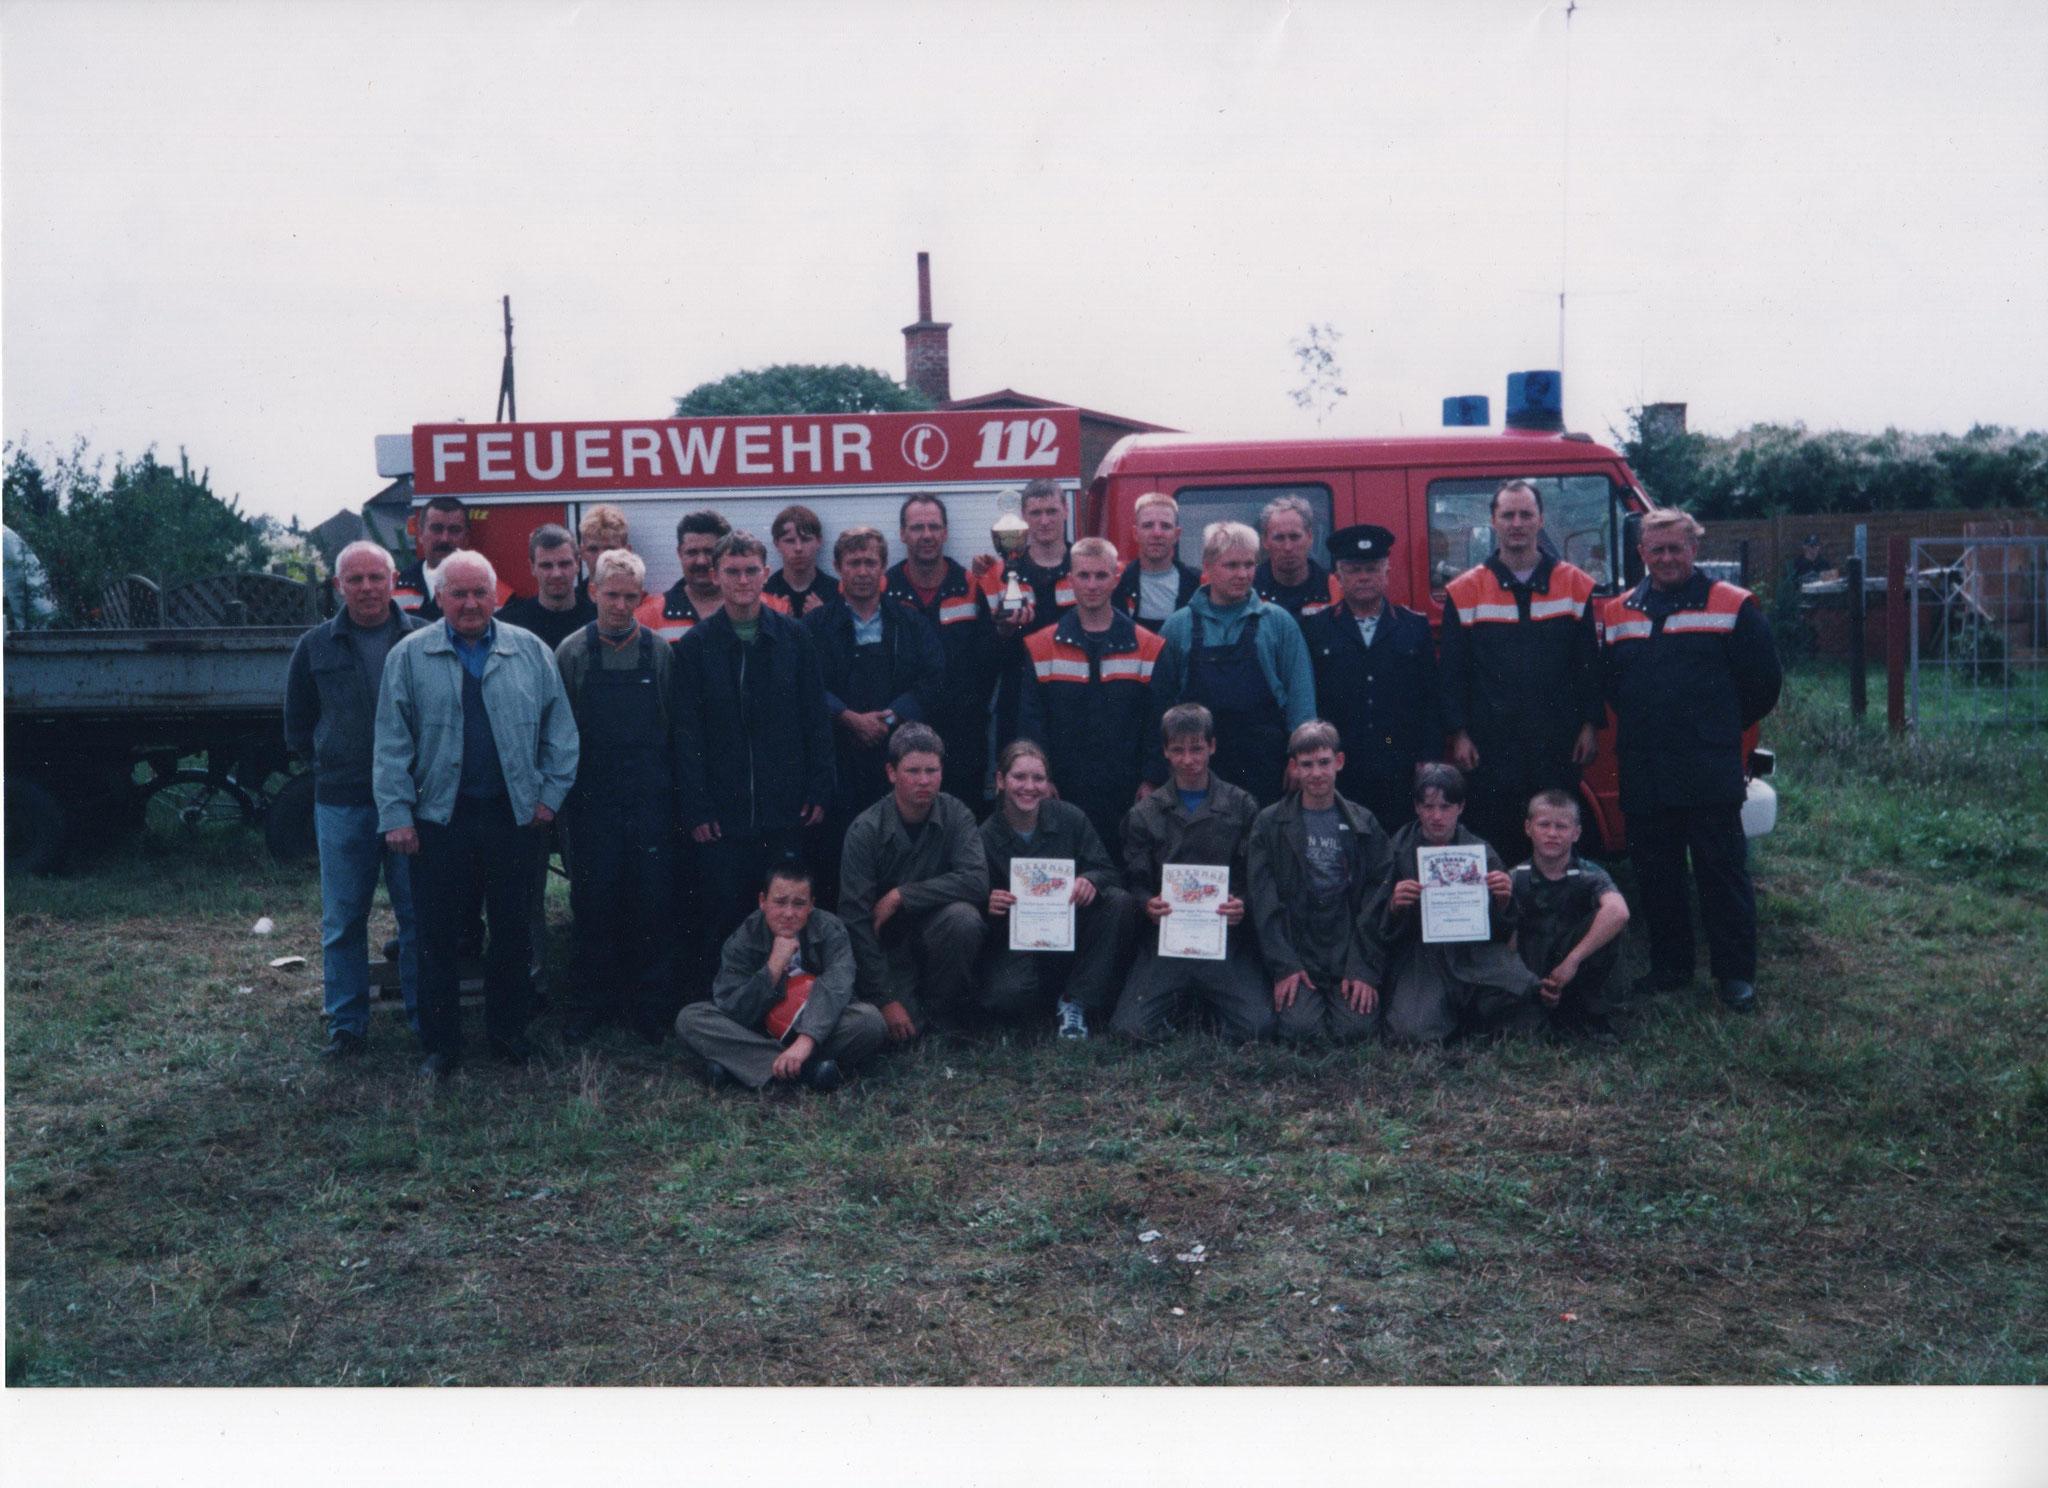 Stadtpokal 2000 Platz 1 Jugend B, Platz 3 Jugend A, Platz 4 Männer